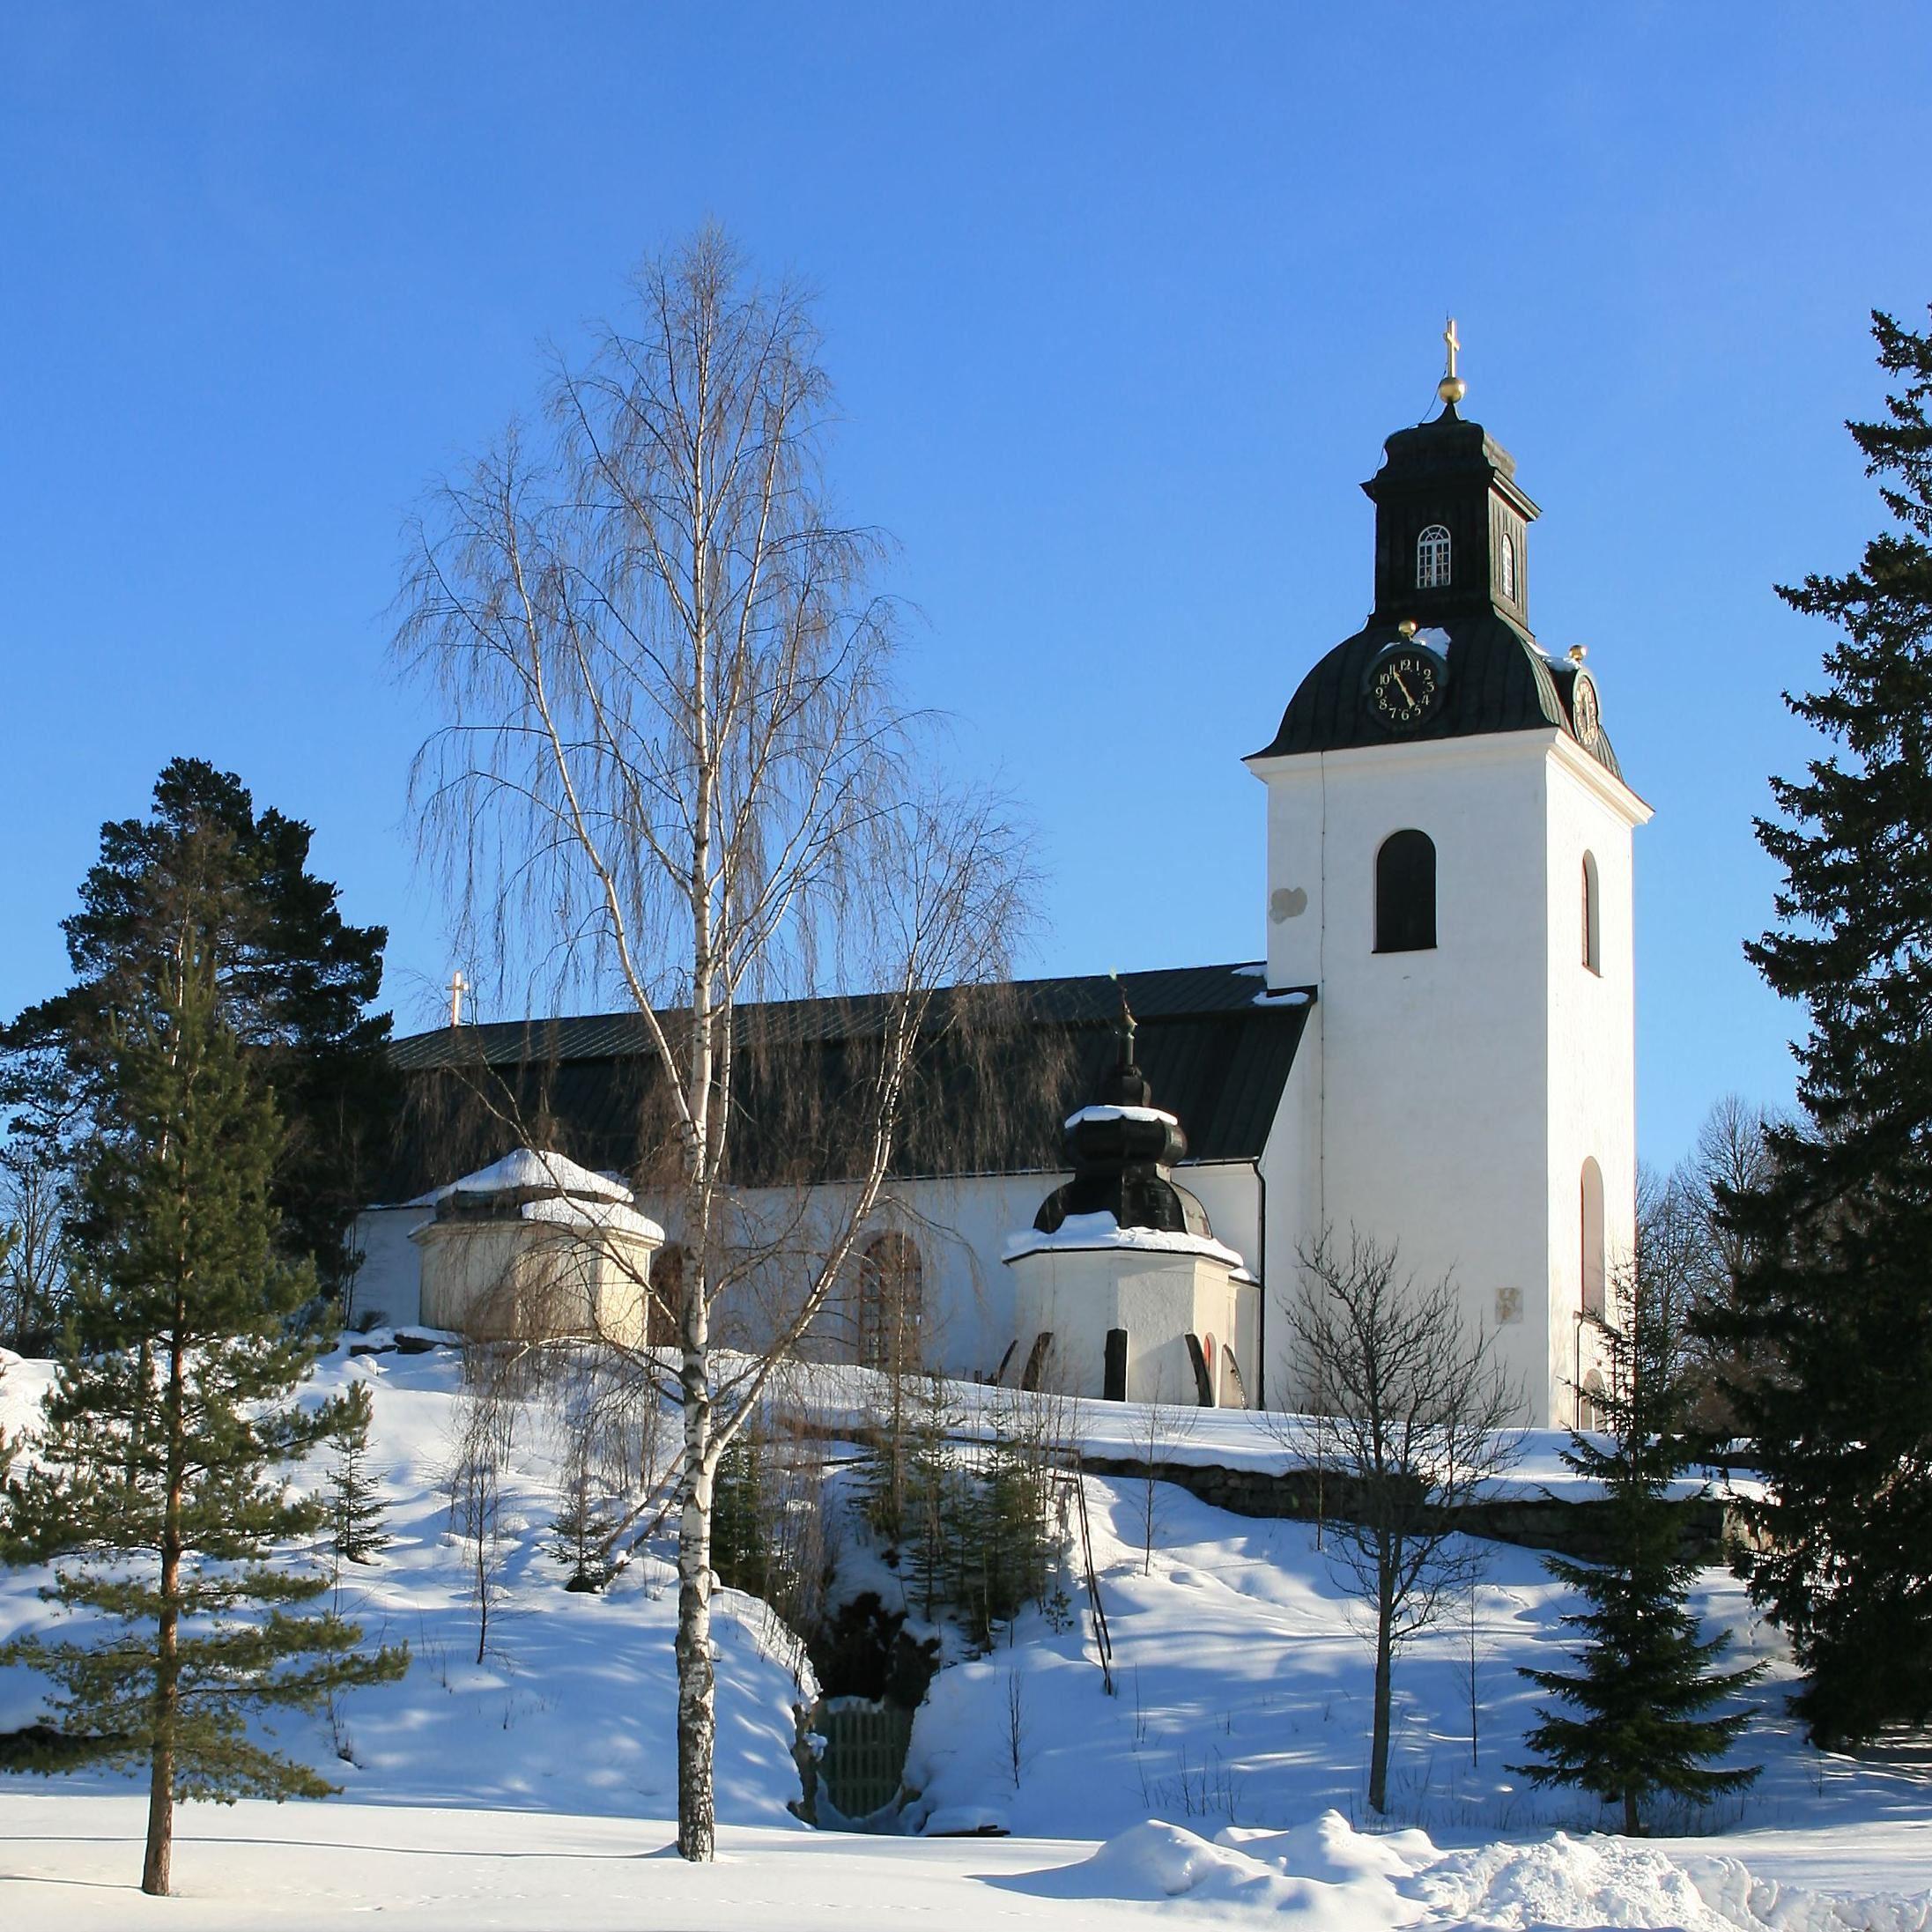 Garpenbergs kyrka